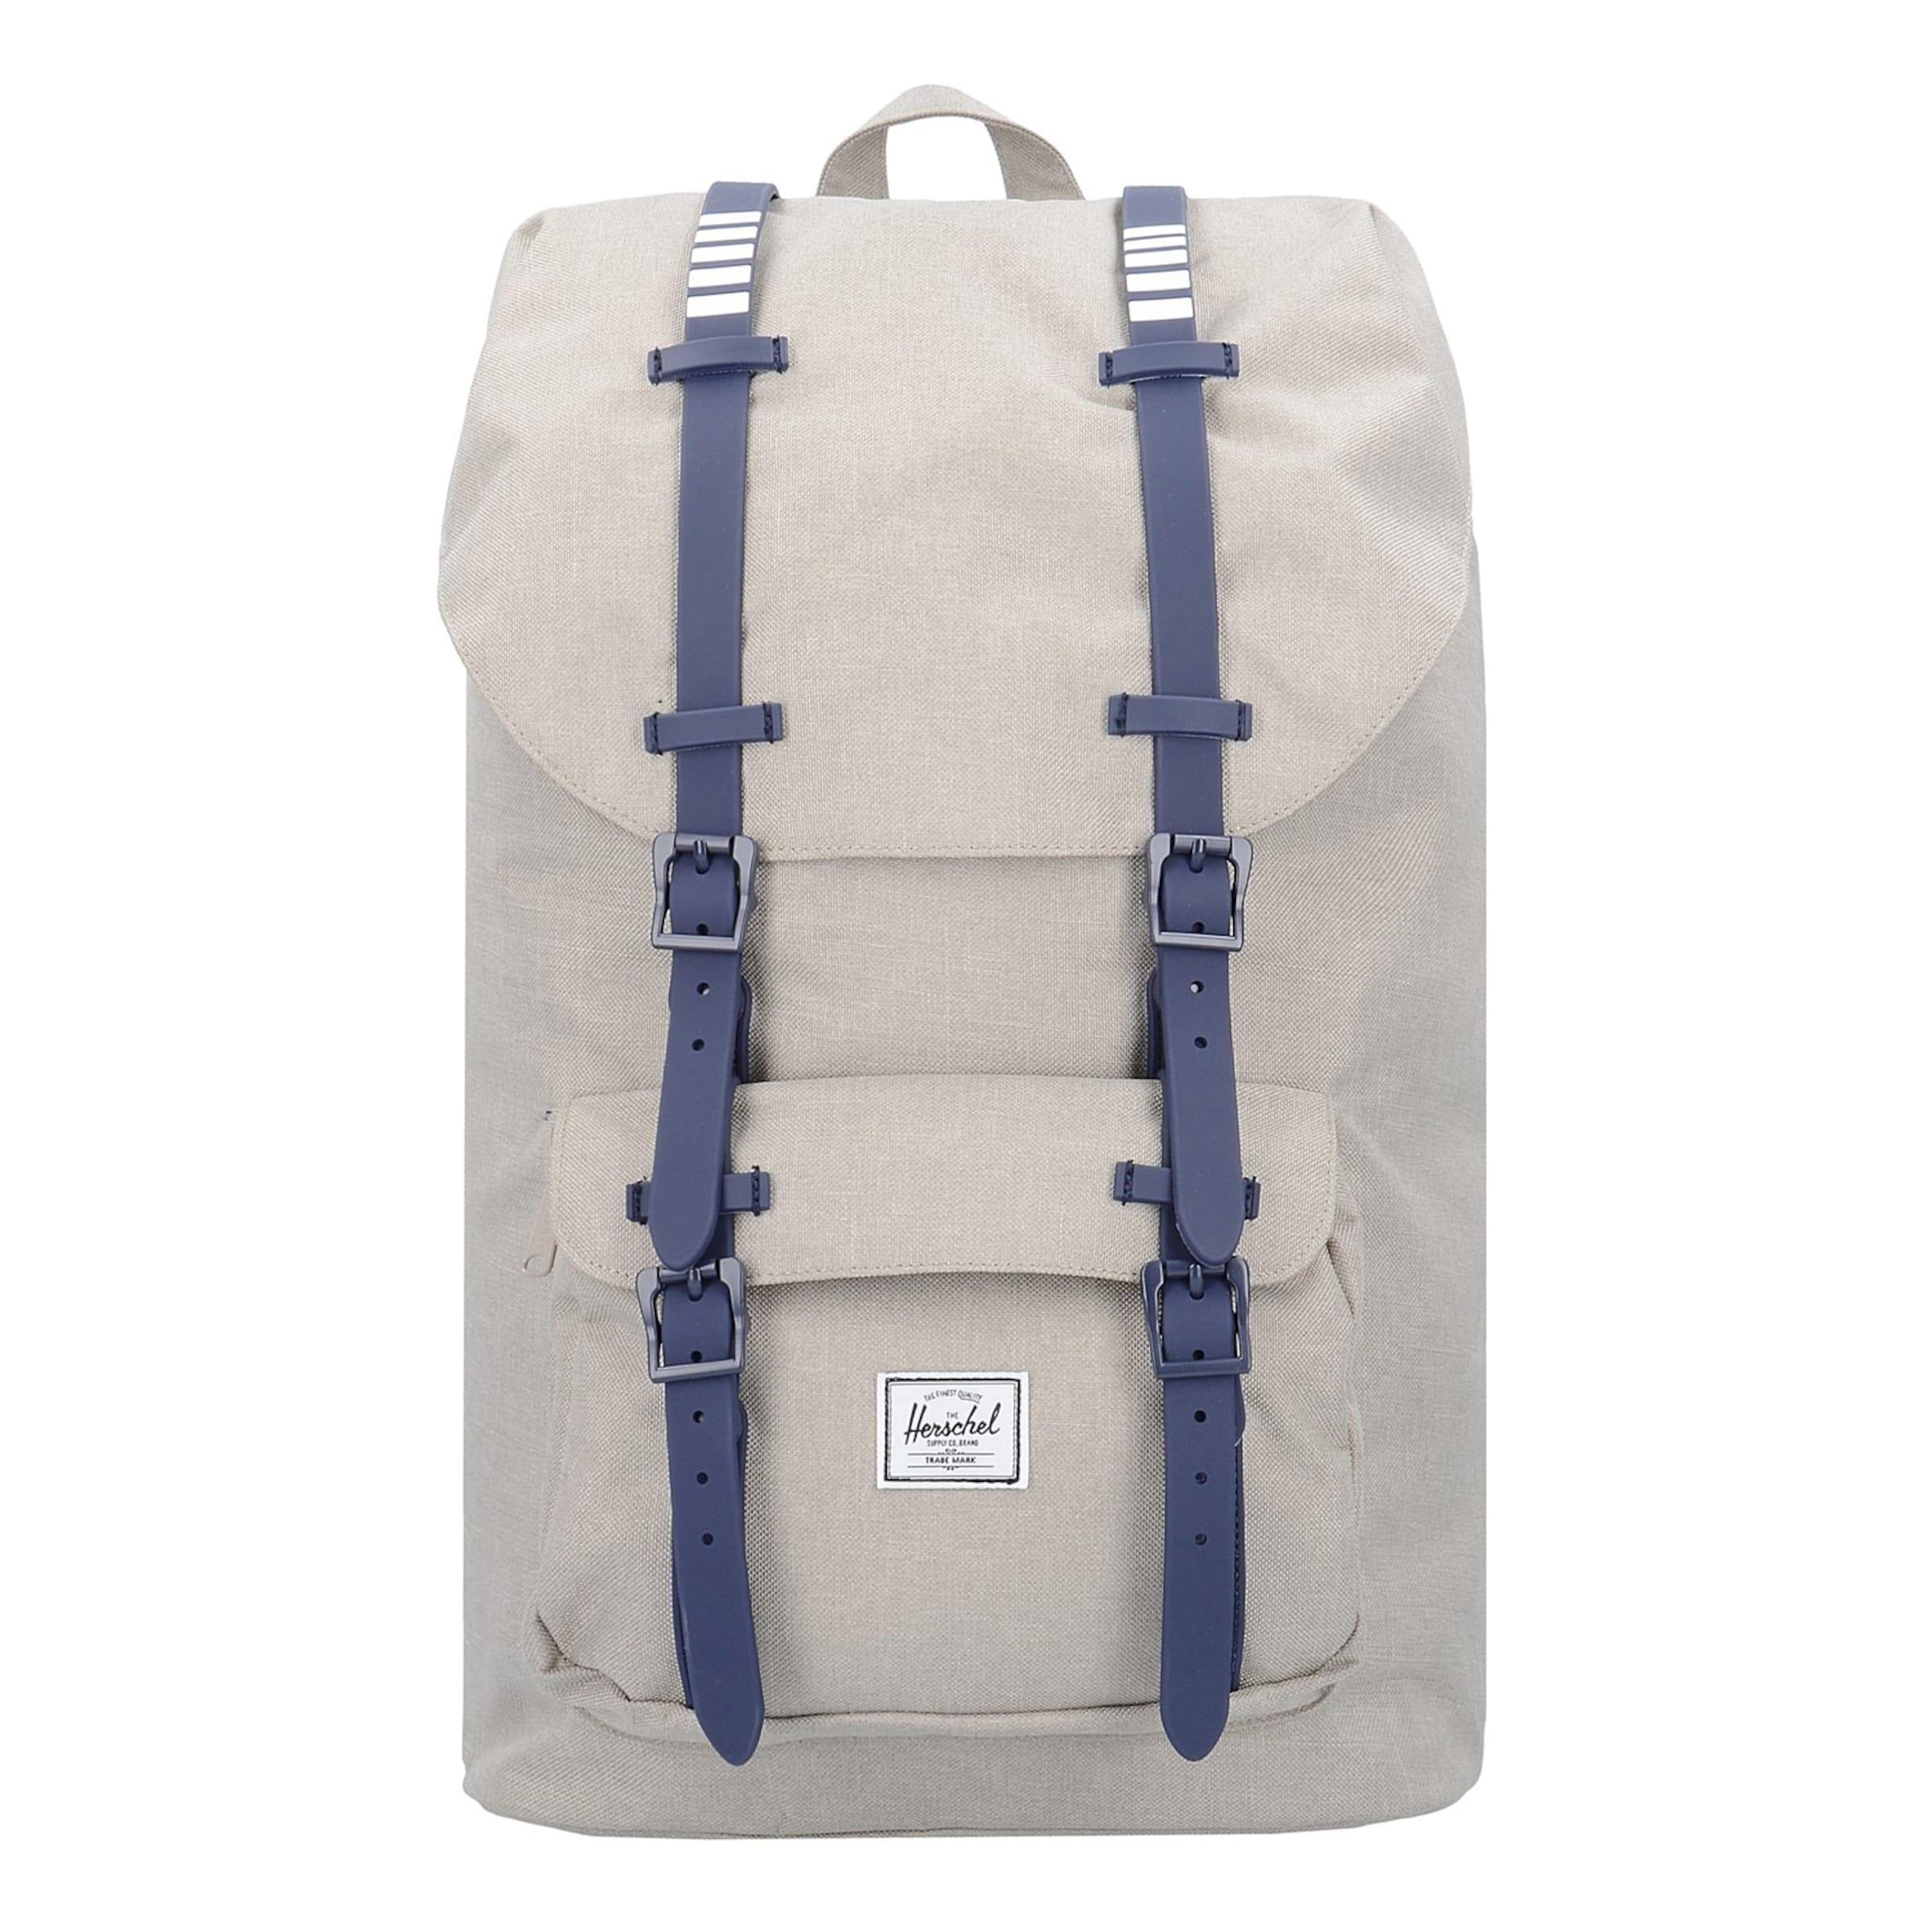 Herschel 'Little America' Daypack Spielraum Empfehlen Shop Online-Verkauf Brandneue Unisex Online o0OPwKn82s